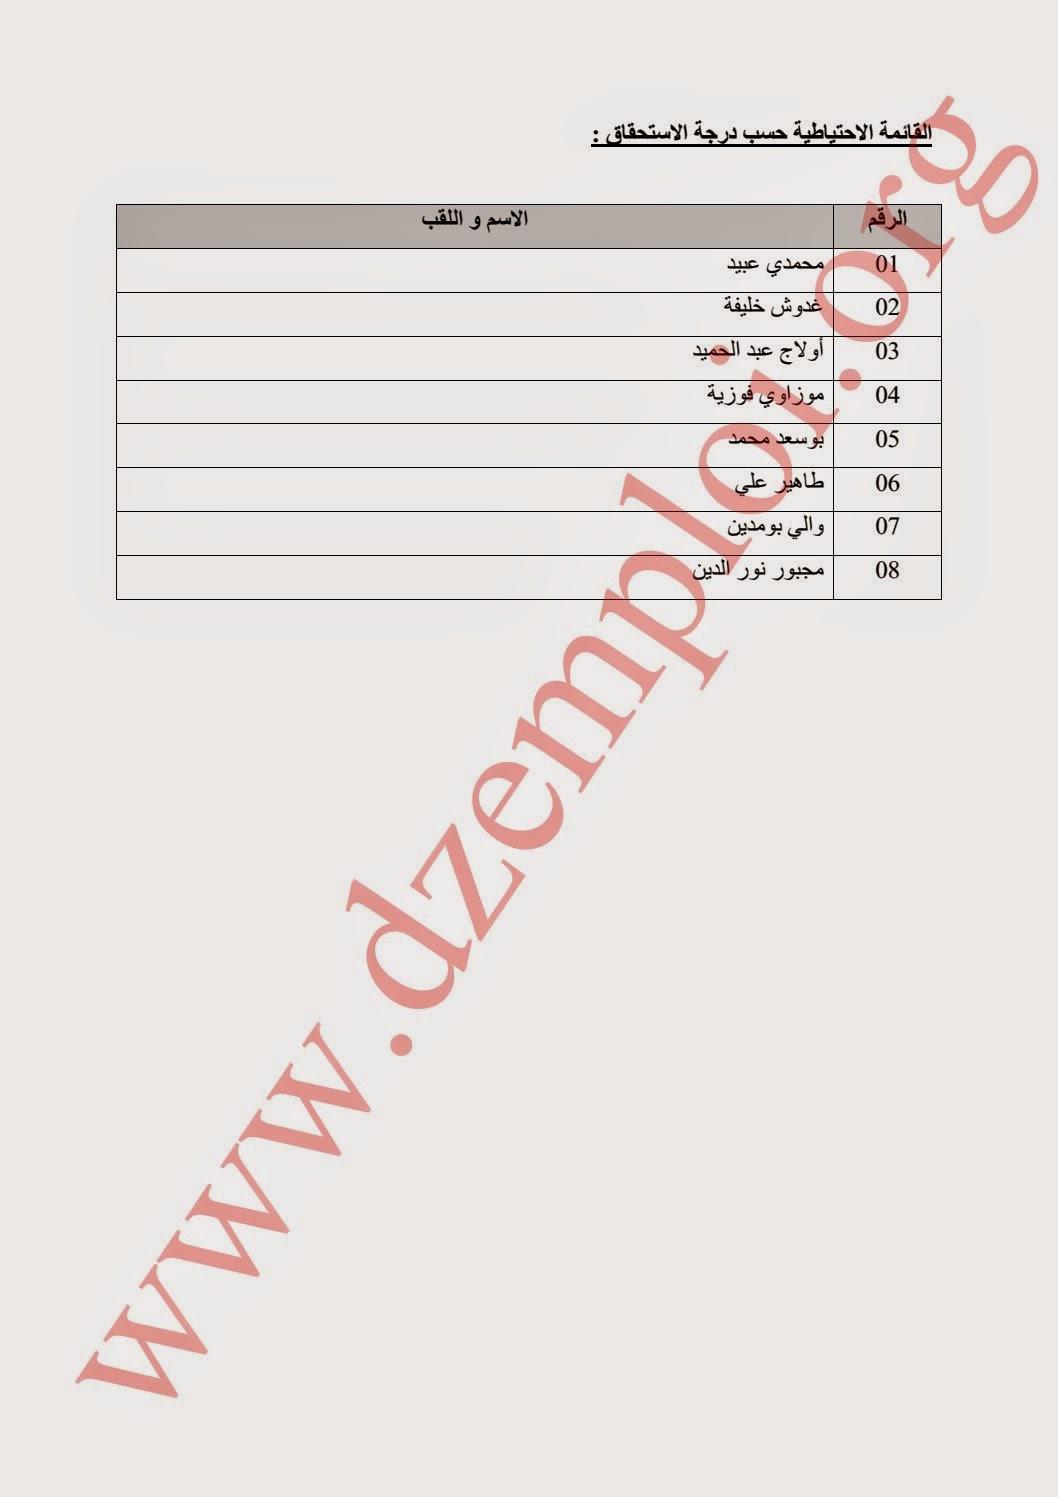 قائمة المترشحين الناجحين نهائيا في مسابقة وزارة الخارجية الخاصة برتب الأسلاك المشتركة 2014 9.jpg